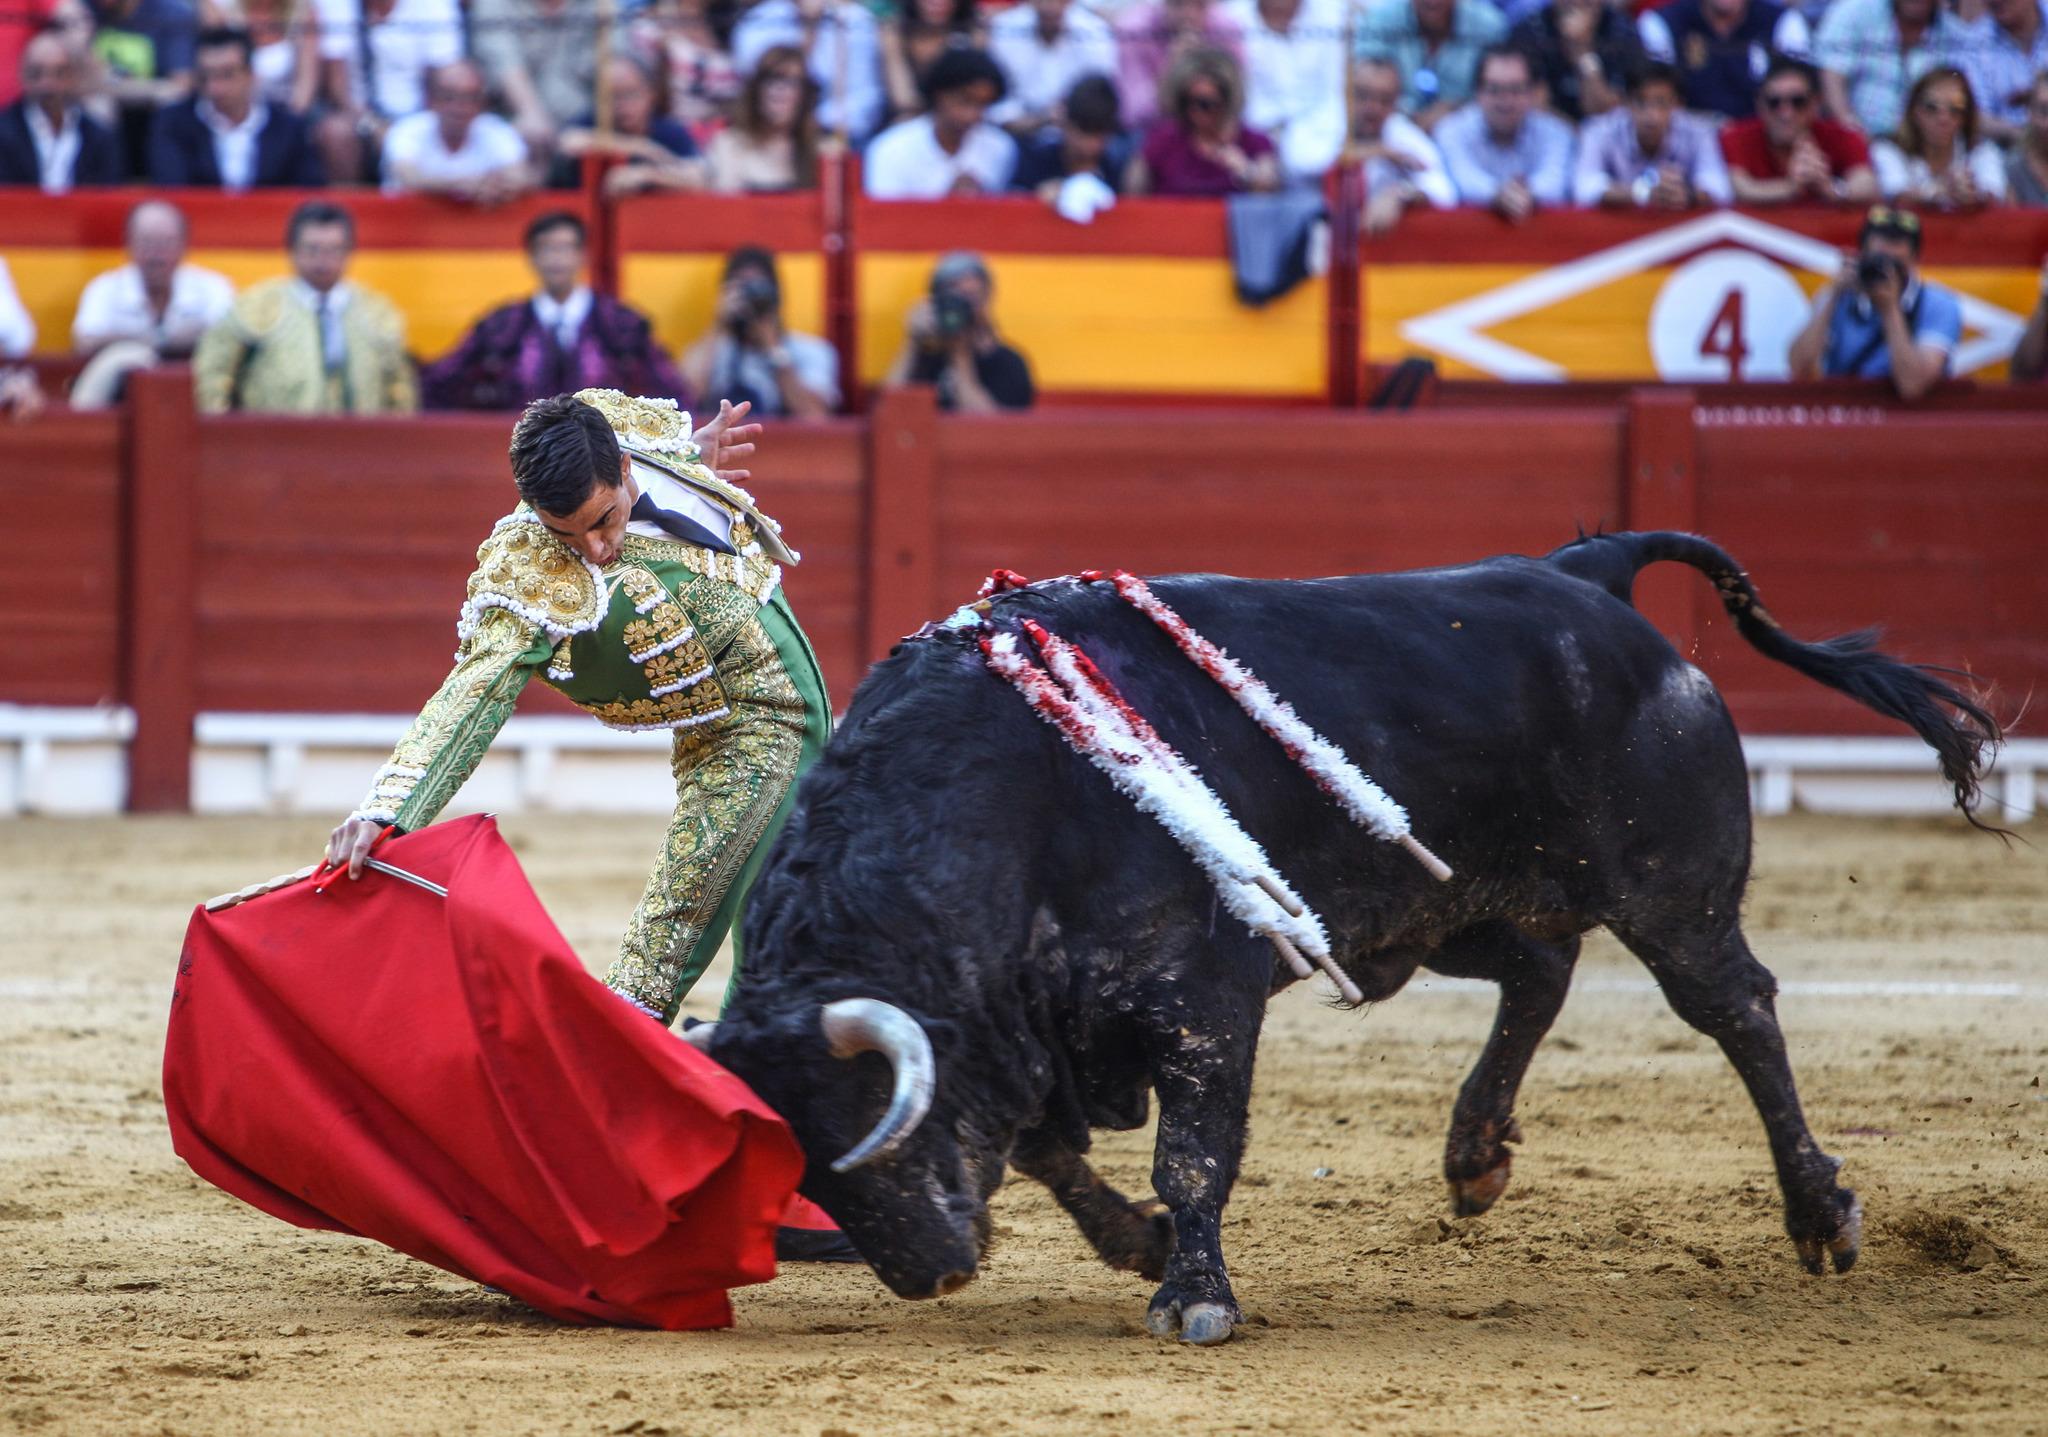 Poderoso muletazo de Paco Ureña en tarde de entrega